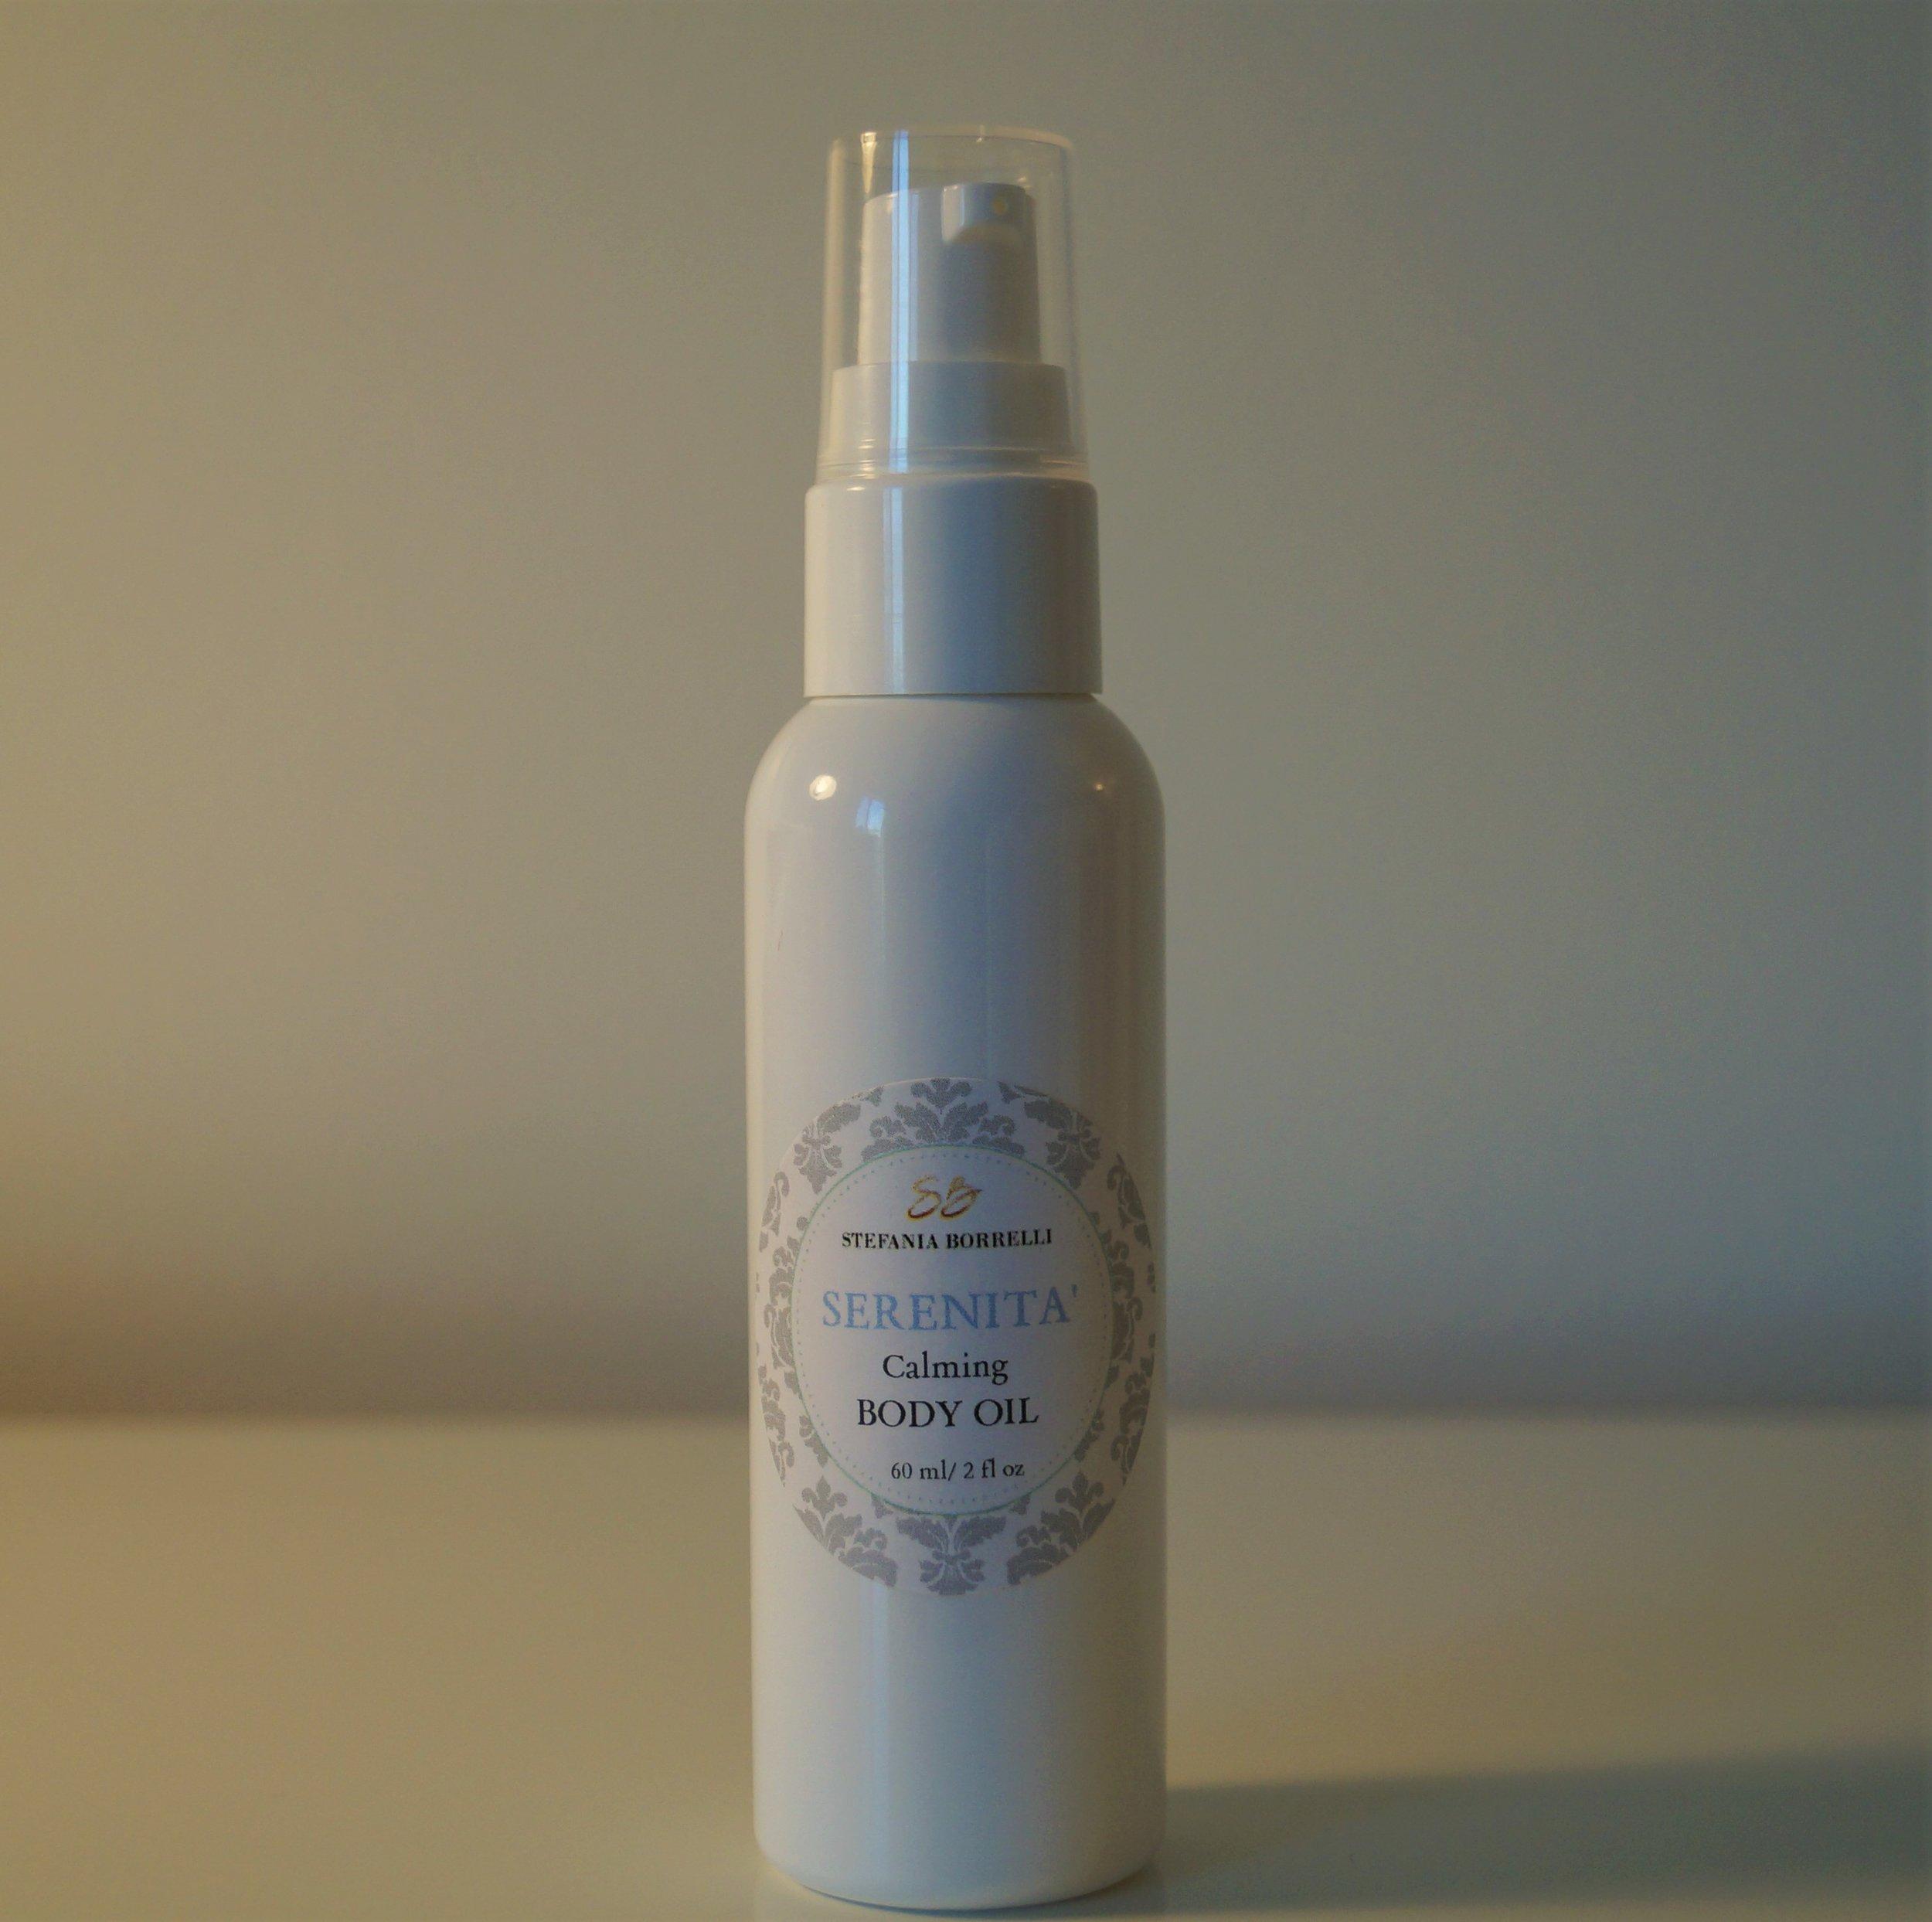 serenita' body oil.jpg